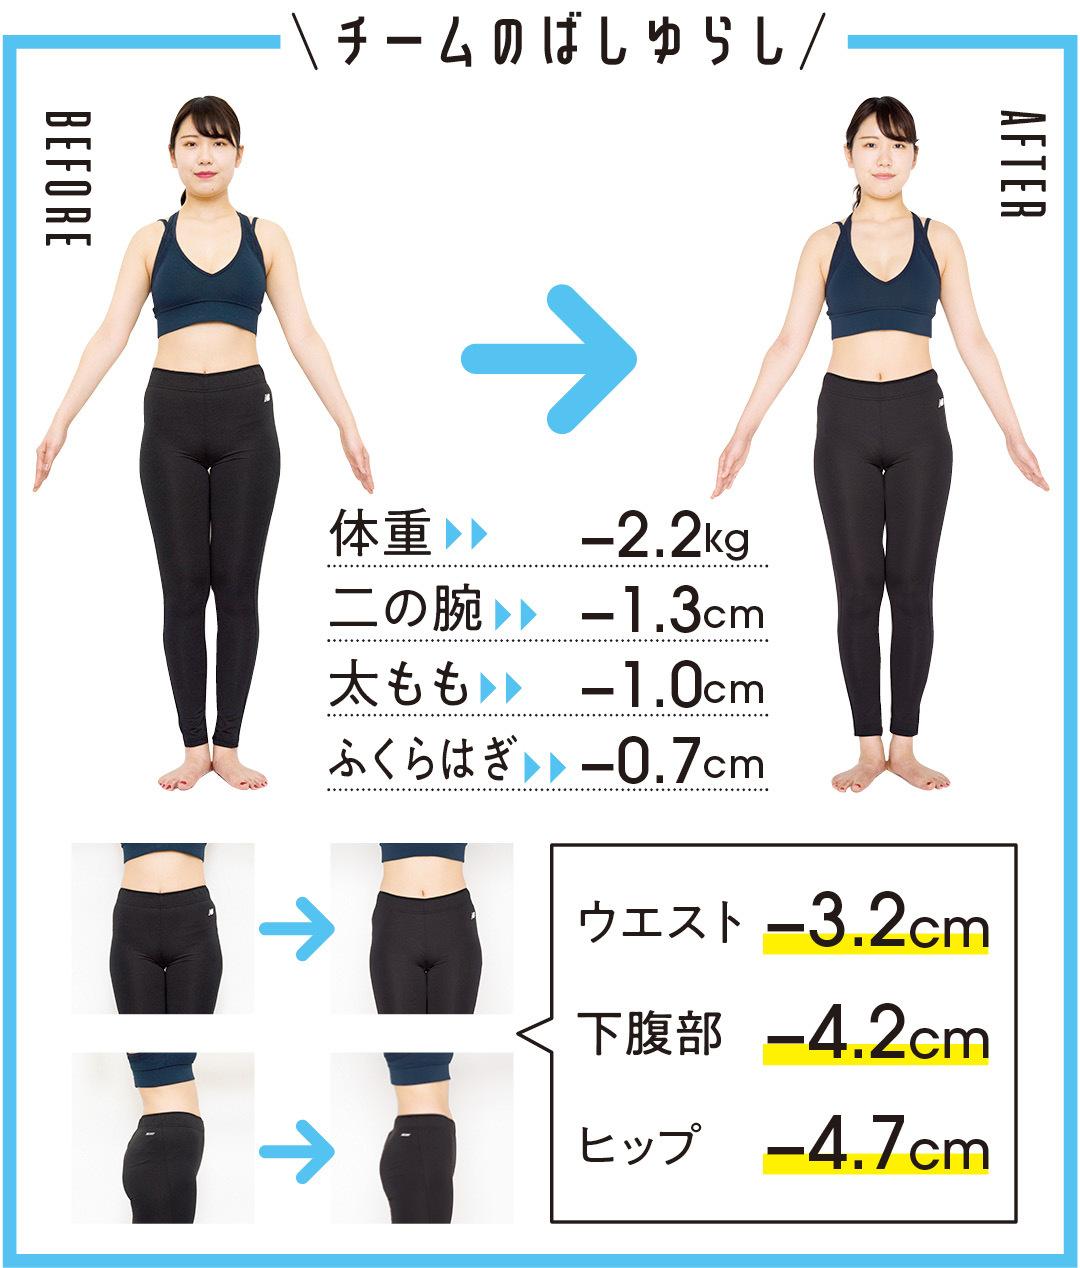 体重-2.2kg 二の腕-1.3cm 太もも-4.2cm ふくらはぎ-0.7cm ウエスト-3.2cm 下腹部-4.2cm ヒップ-4.7cm